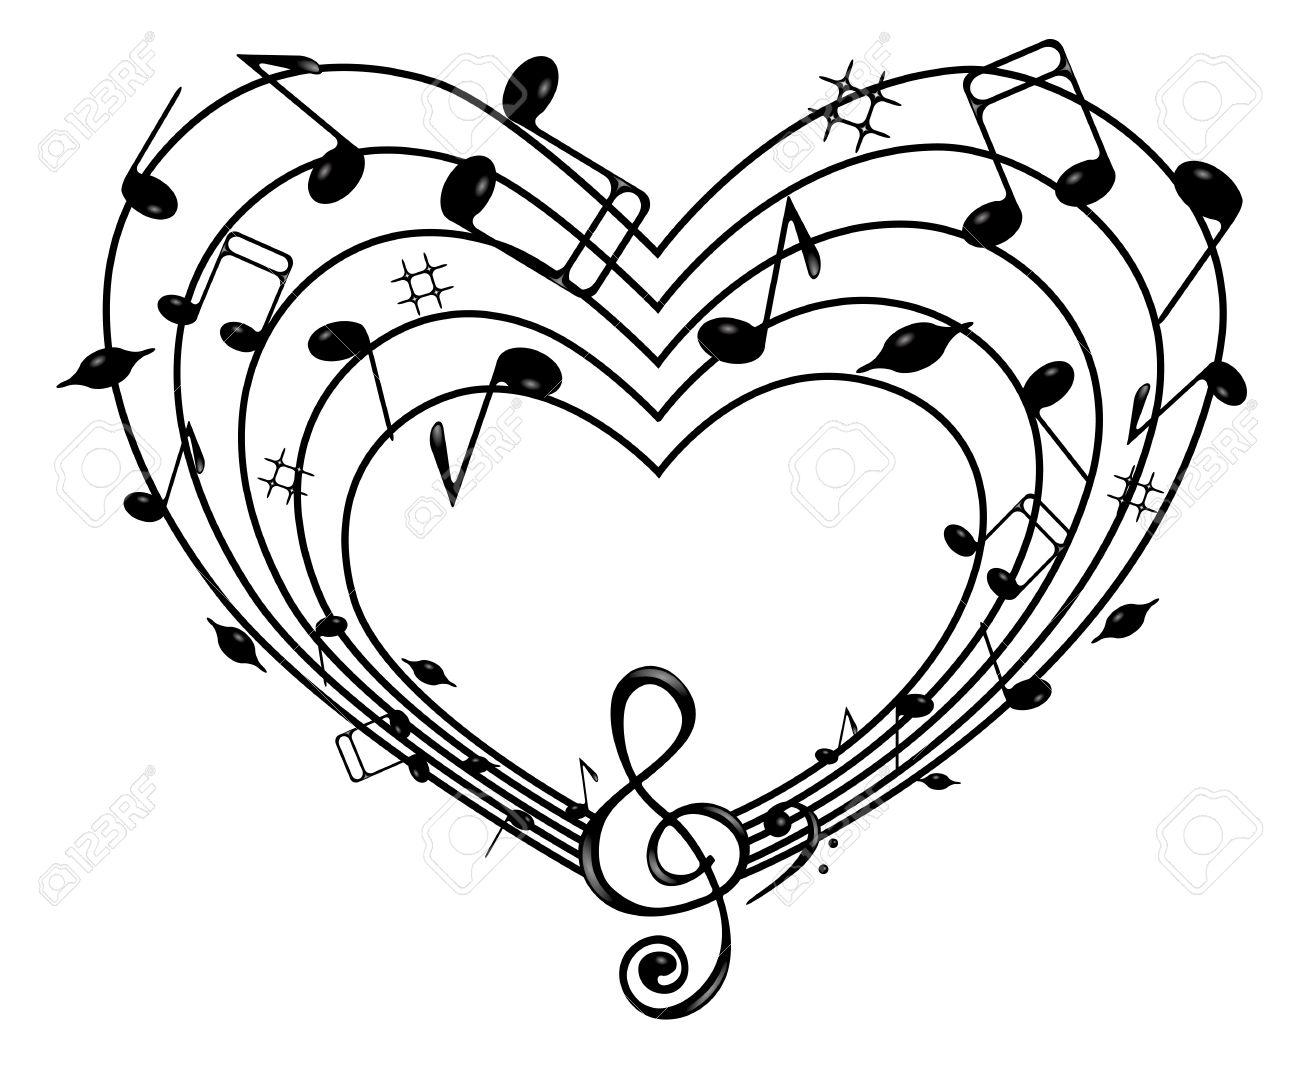 En El Fondo Blanco De Notas Negras Y El Corazón Clave De Sol